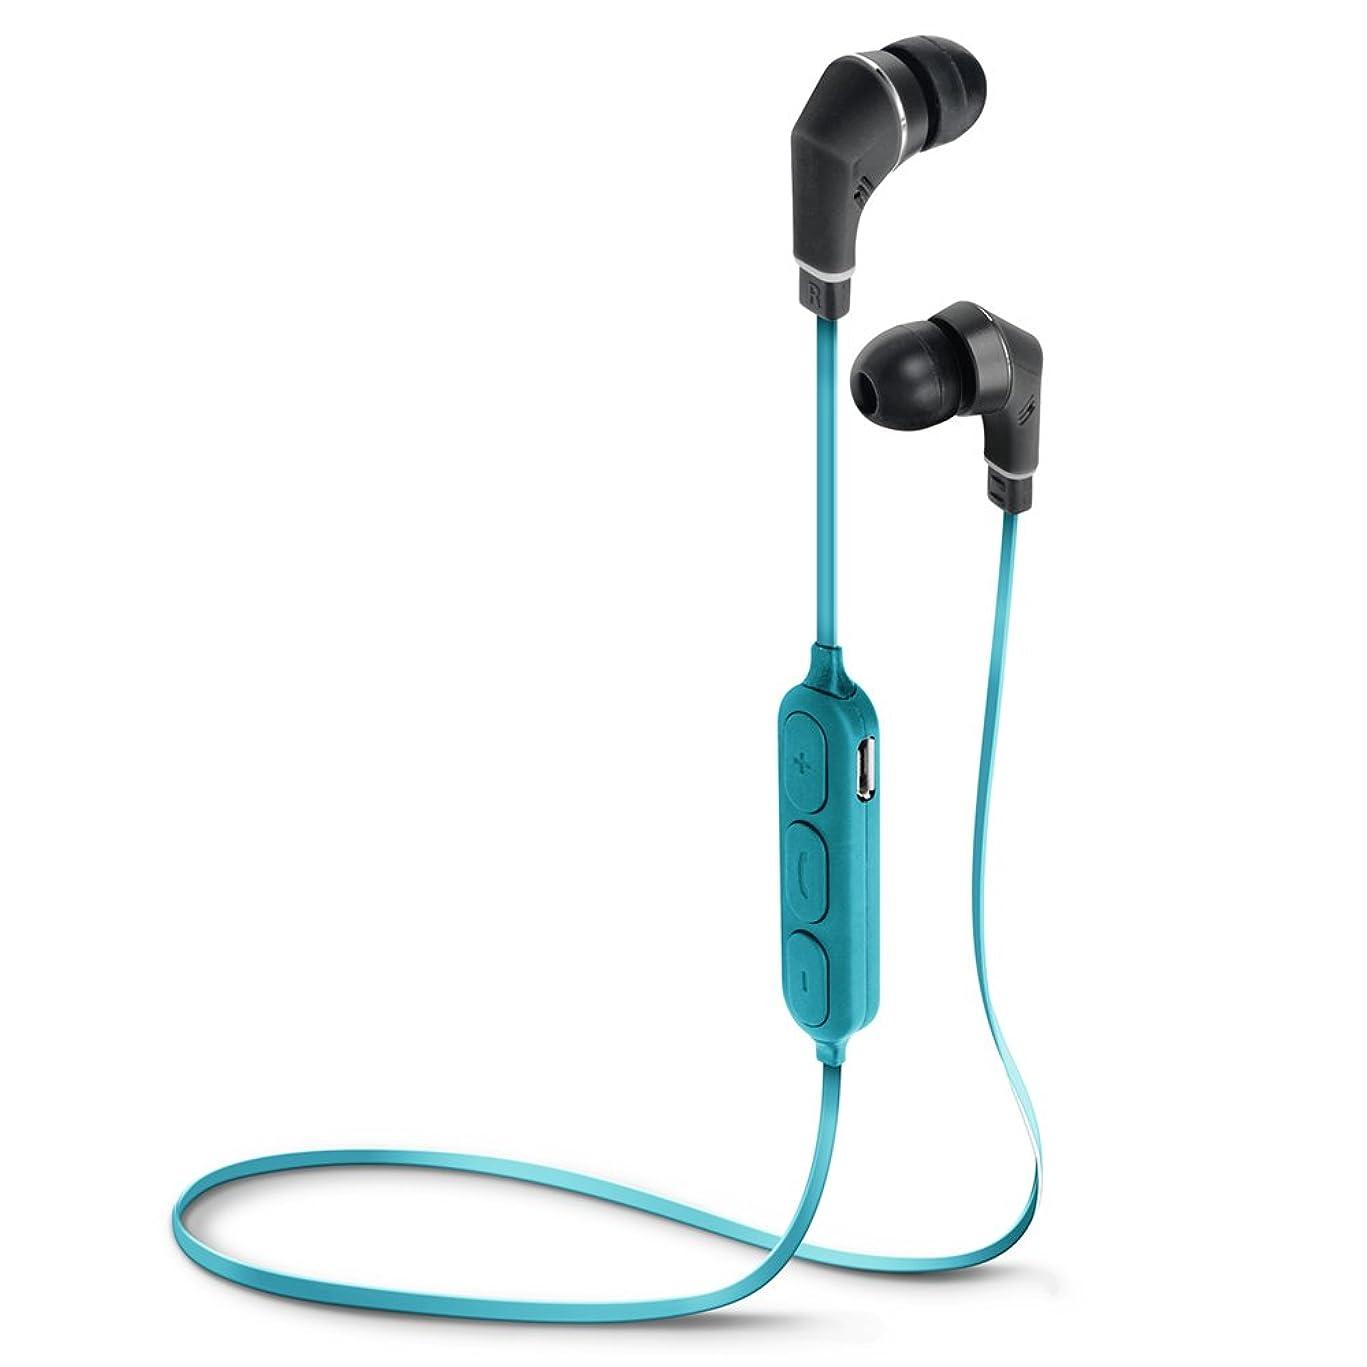 リアルリムカメラPGA カナル型 Bluetooth ワイヤレスイヤホン Premium Style PG-BTE1S06 ブルー&ブラック